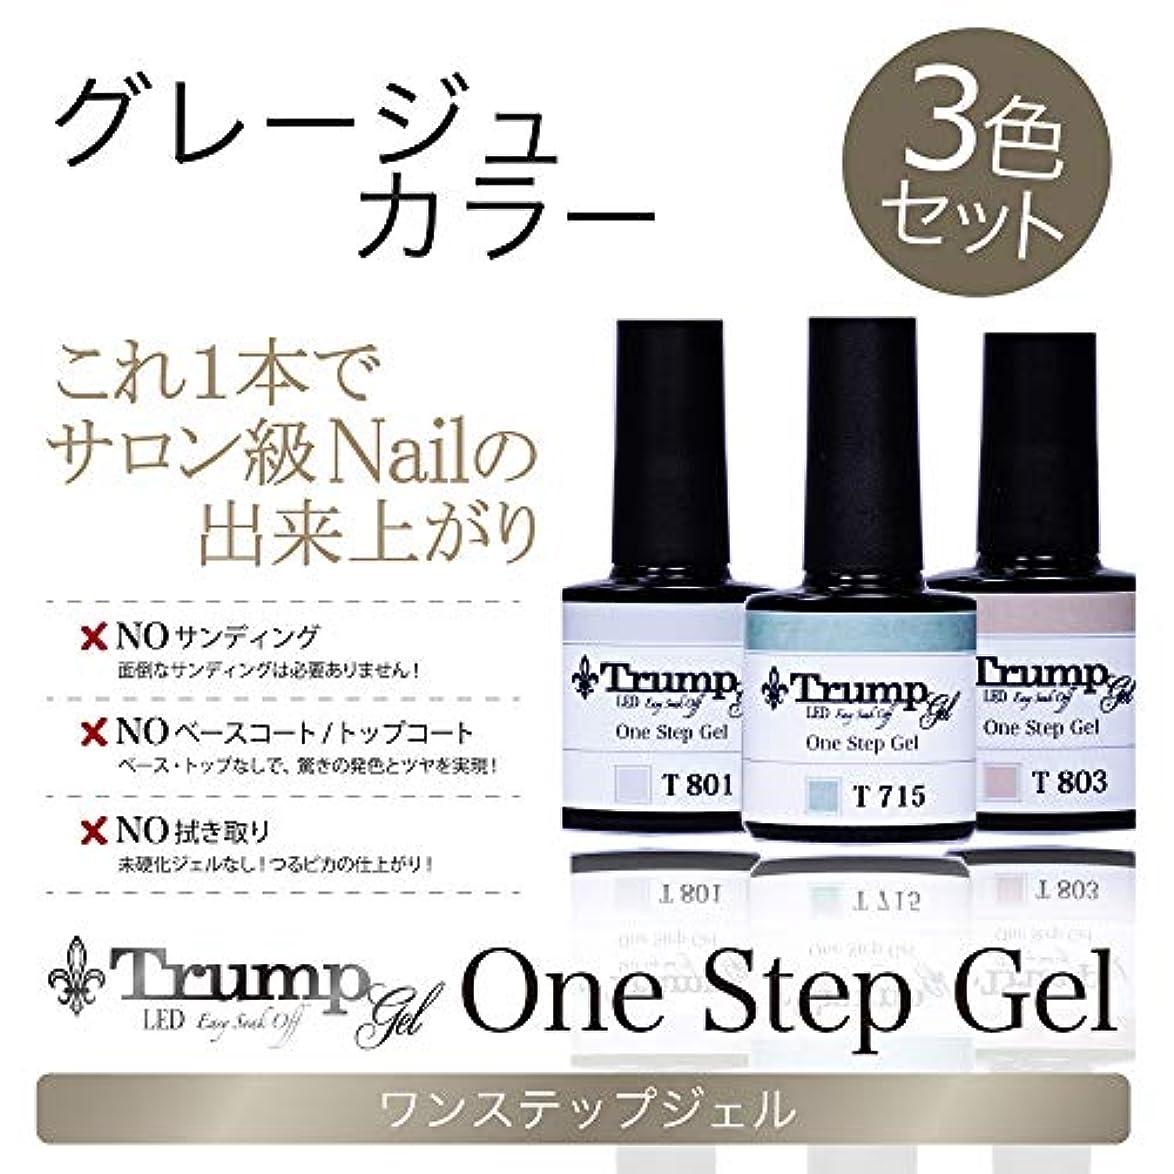 間接的カスタム解き明かす【日本製】Trump gel トランプジェル ワンステップジェル ジェルネイル カラージェル 3点 セット ニュアンス スモーキー グレージュ (グレージュカラーセット)